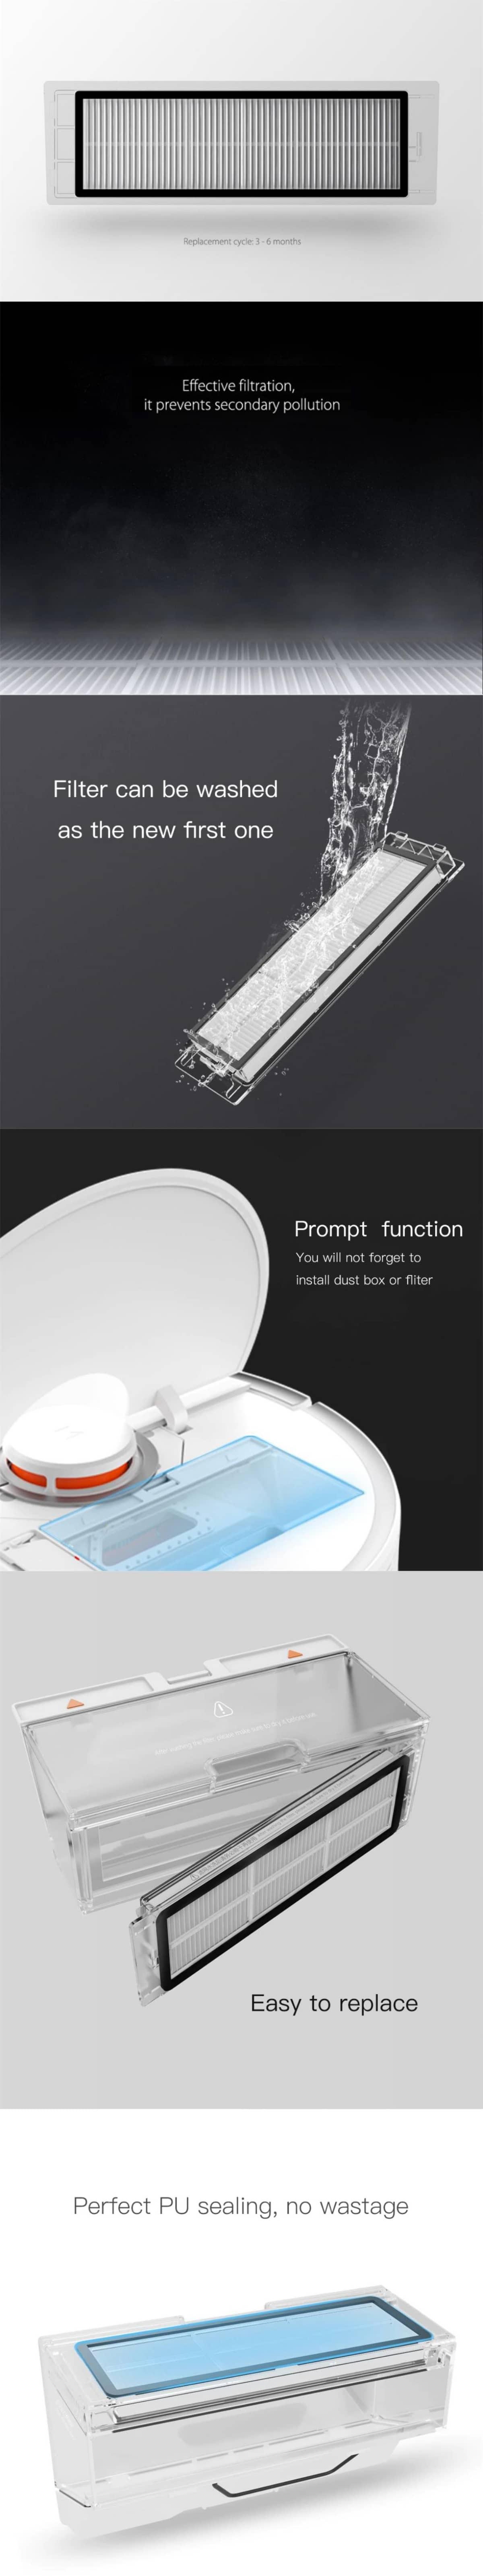 Prezentare-Filtru-HEPA-de-schimb-pentru-Xiaomi-Roborock-S6e2d9414753f6a3b2.jpg